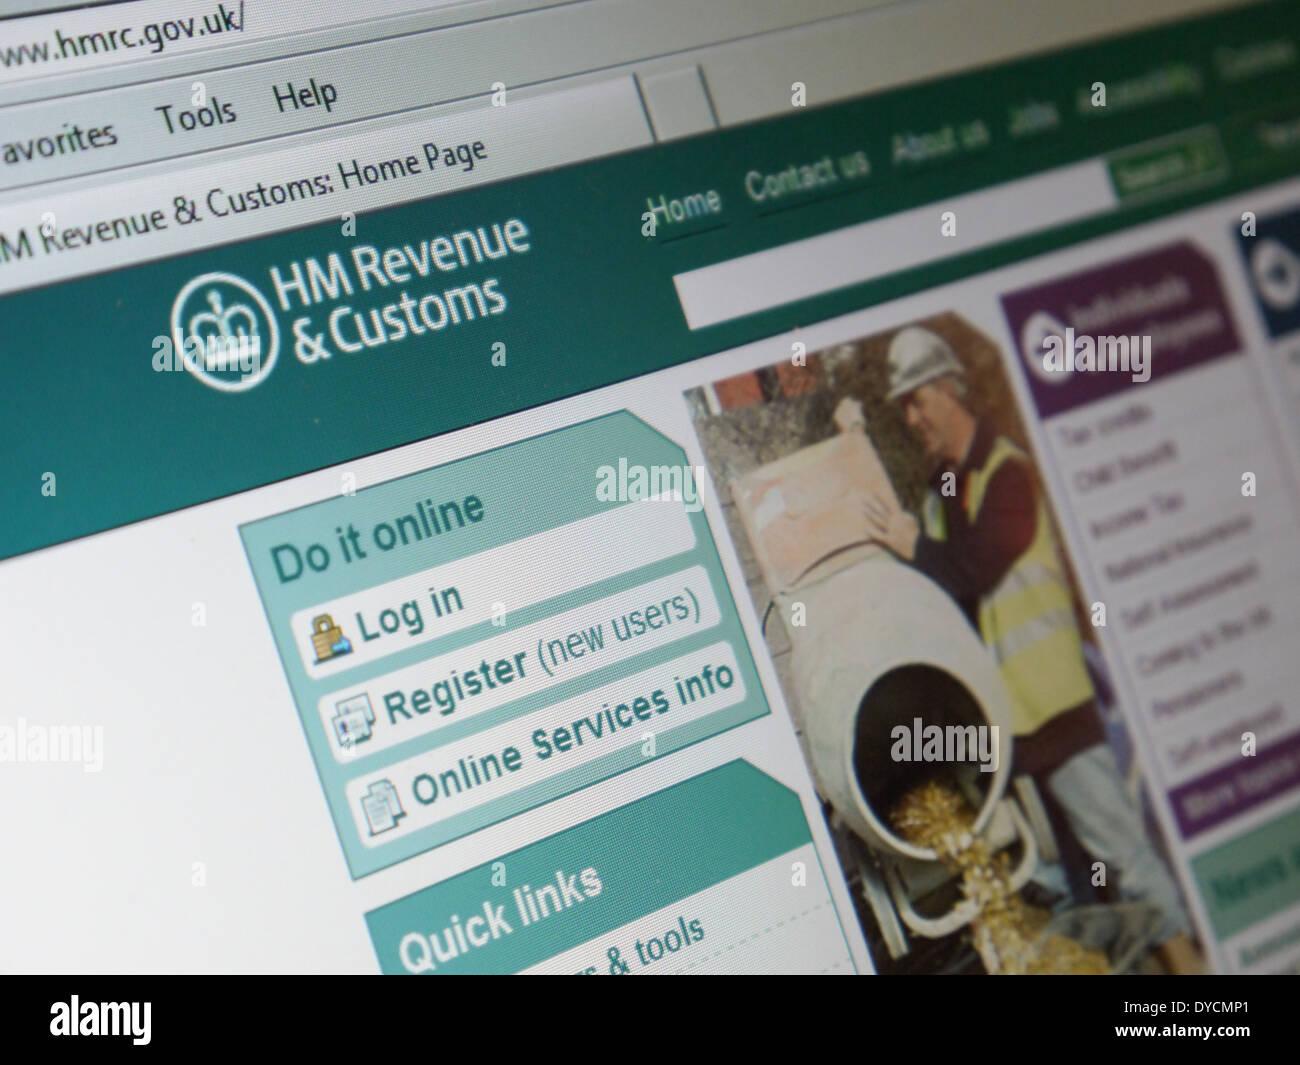 Site Web des douanes uk hm revenue Photo Stock